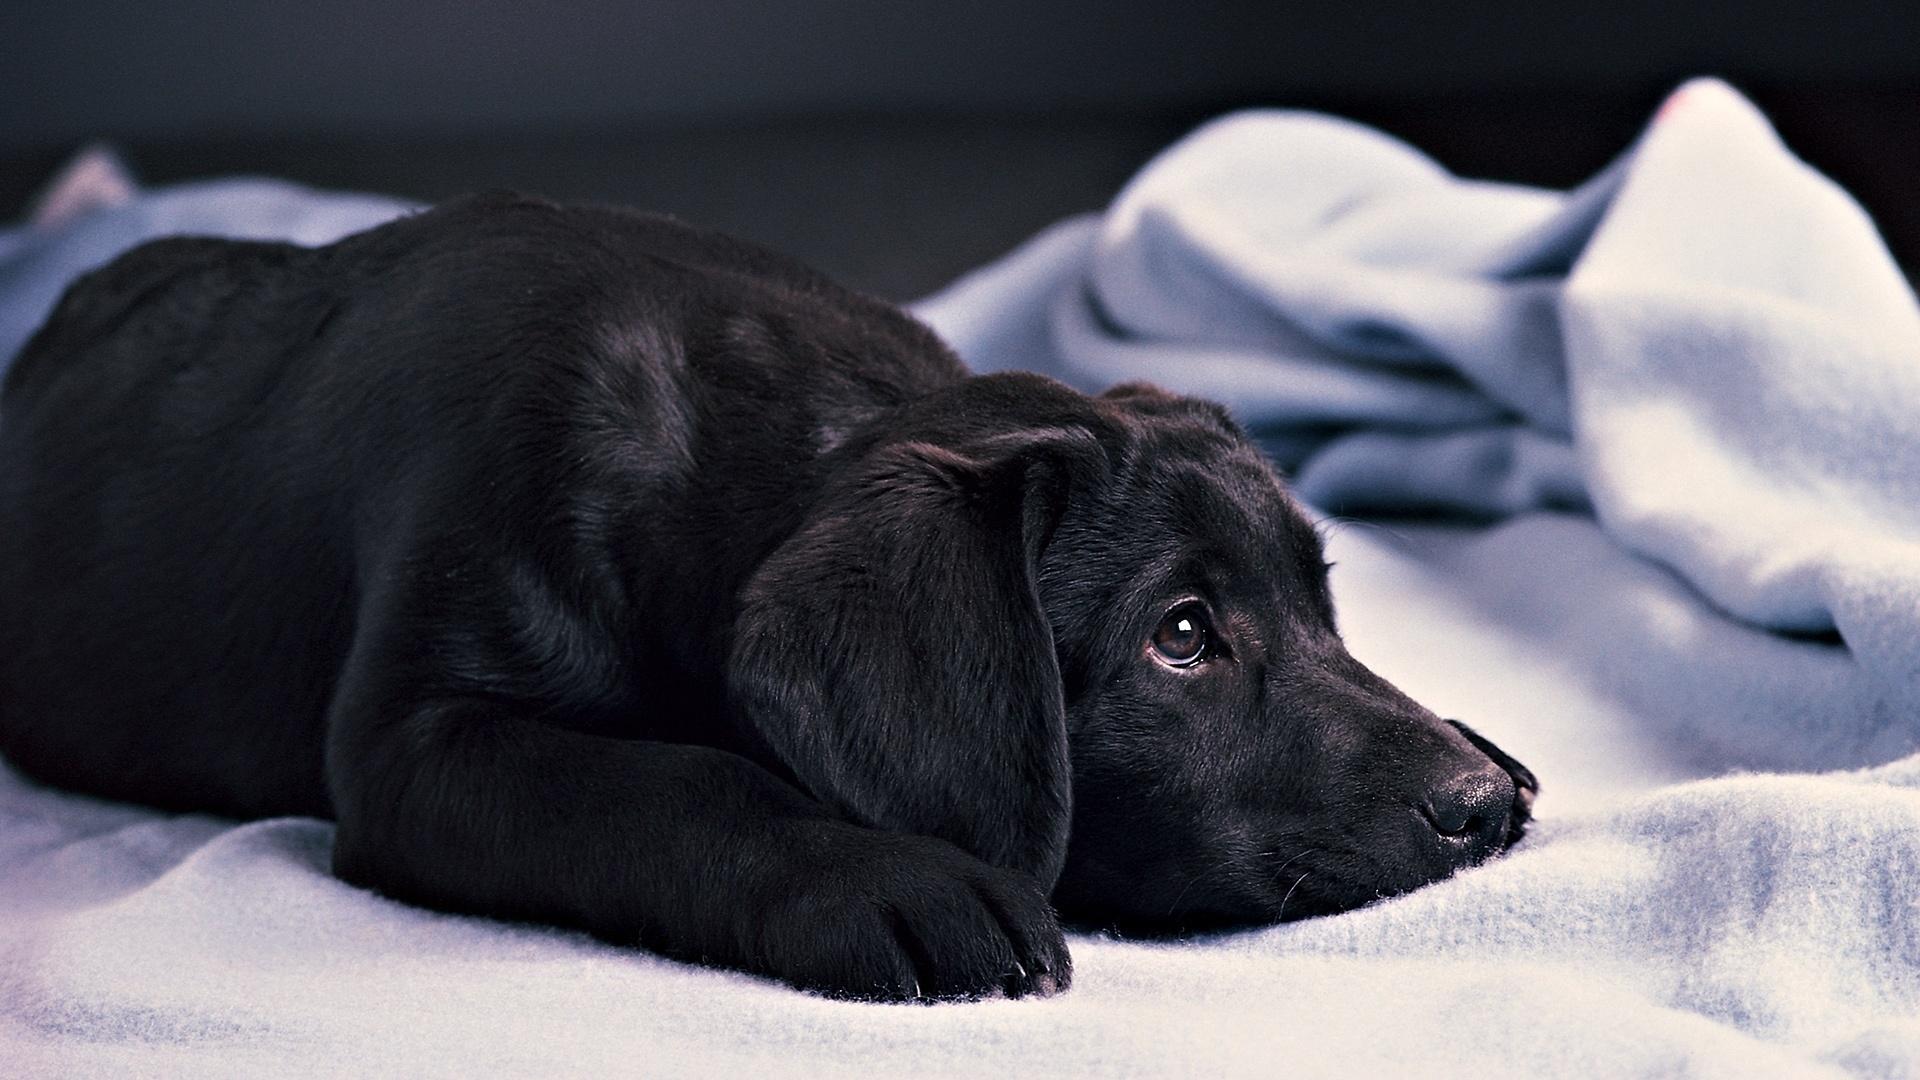 Черно-белый пес на полу  № 1157322 бесплатно